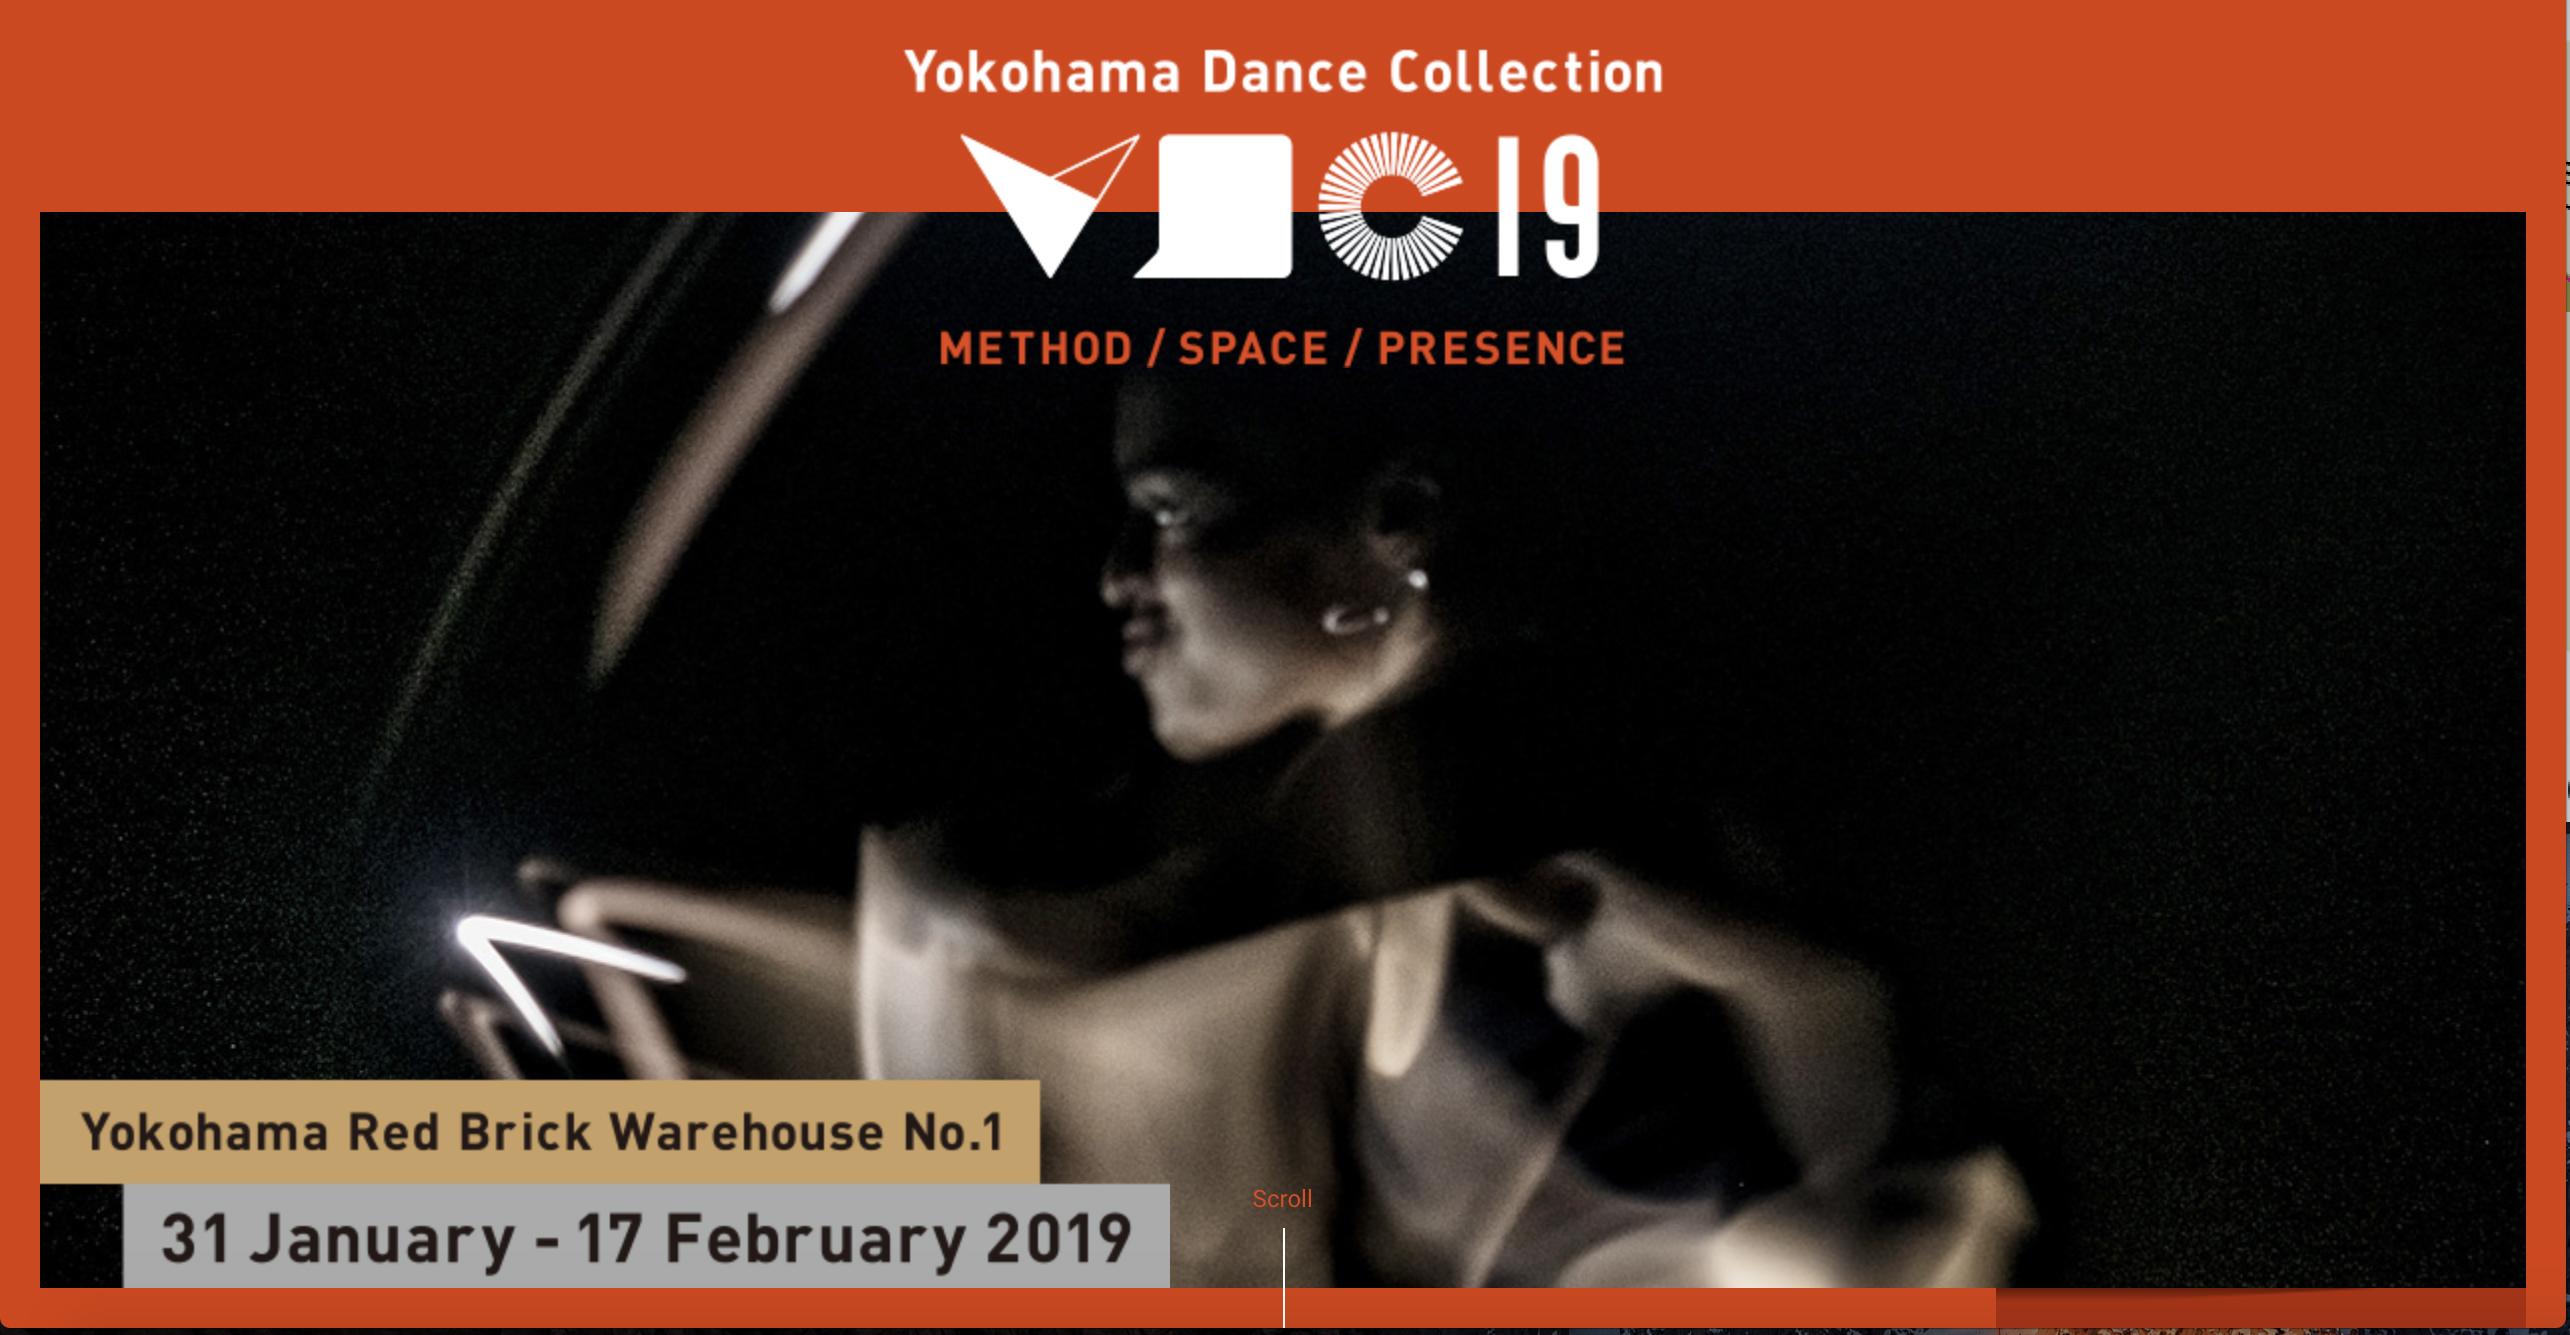 国際ダンスフェスティバル「横浜ダンスコレクション2019」のチケットが発売開始!!